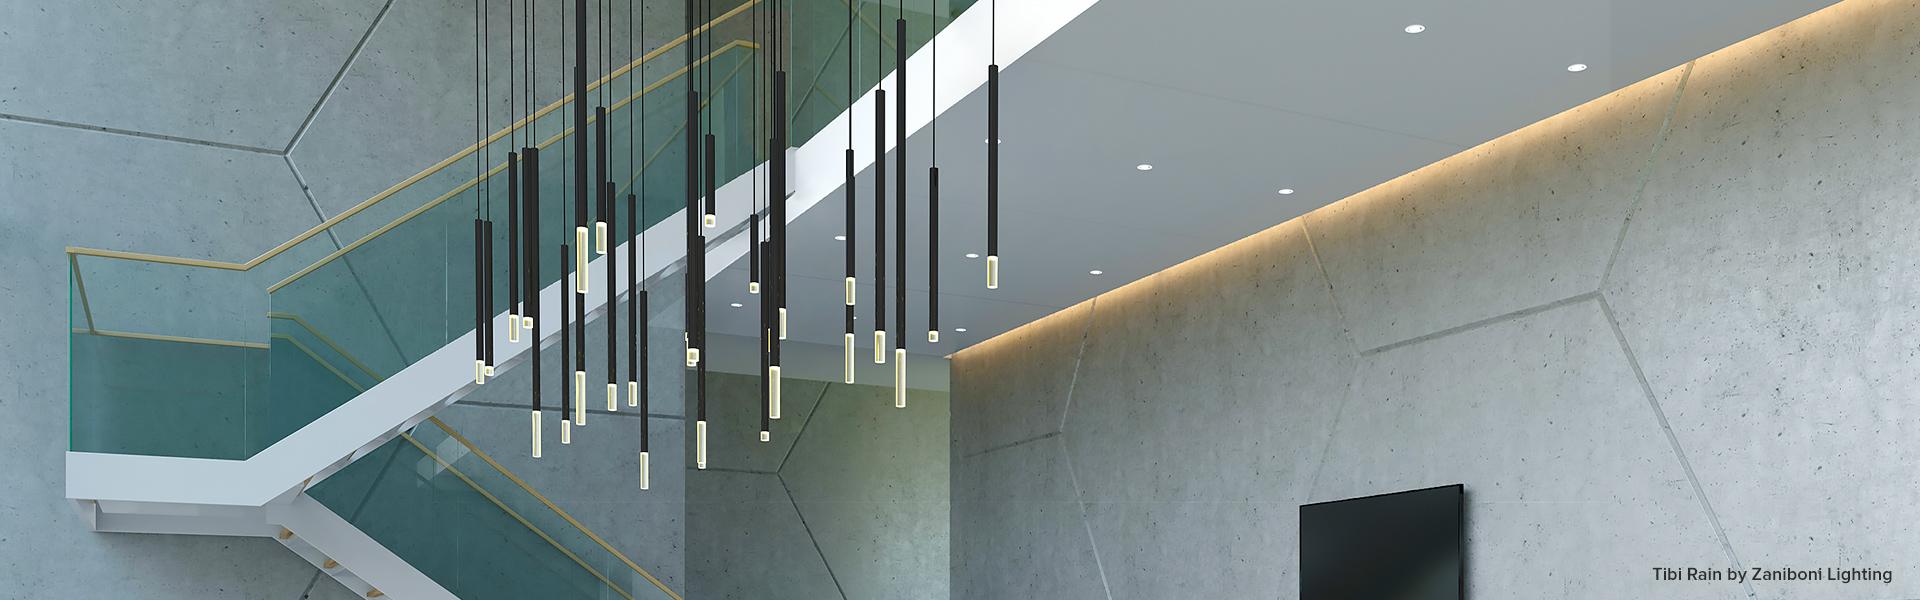 tibi rain installation zaniboni lighting